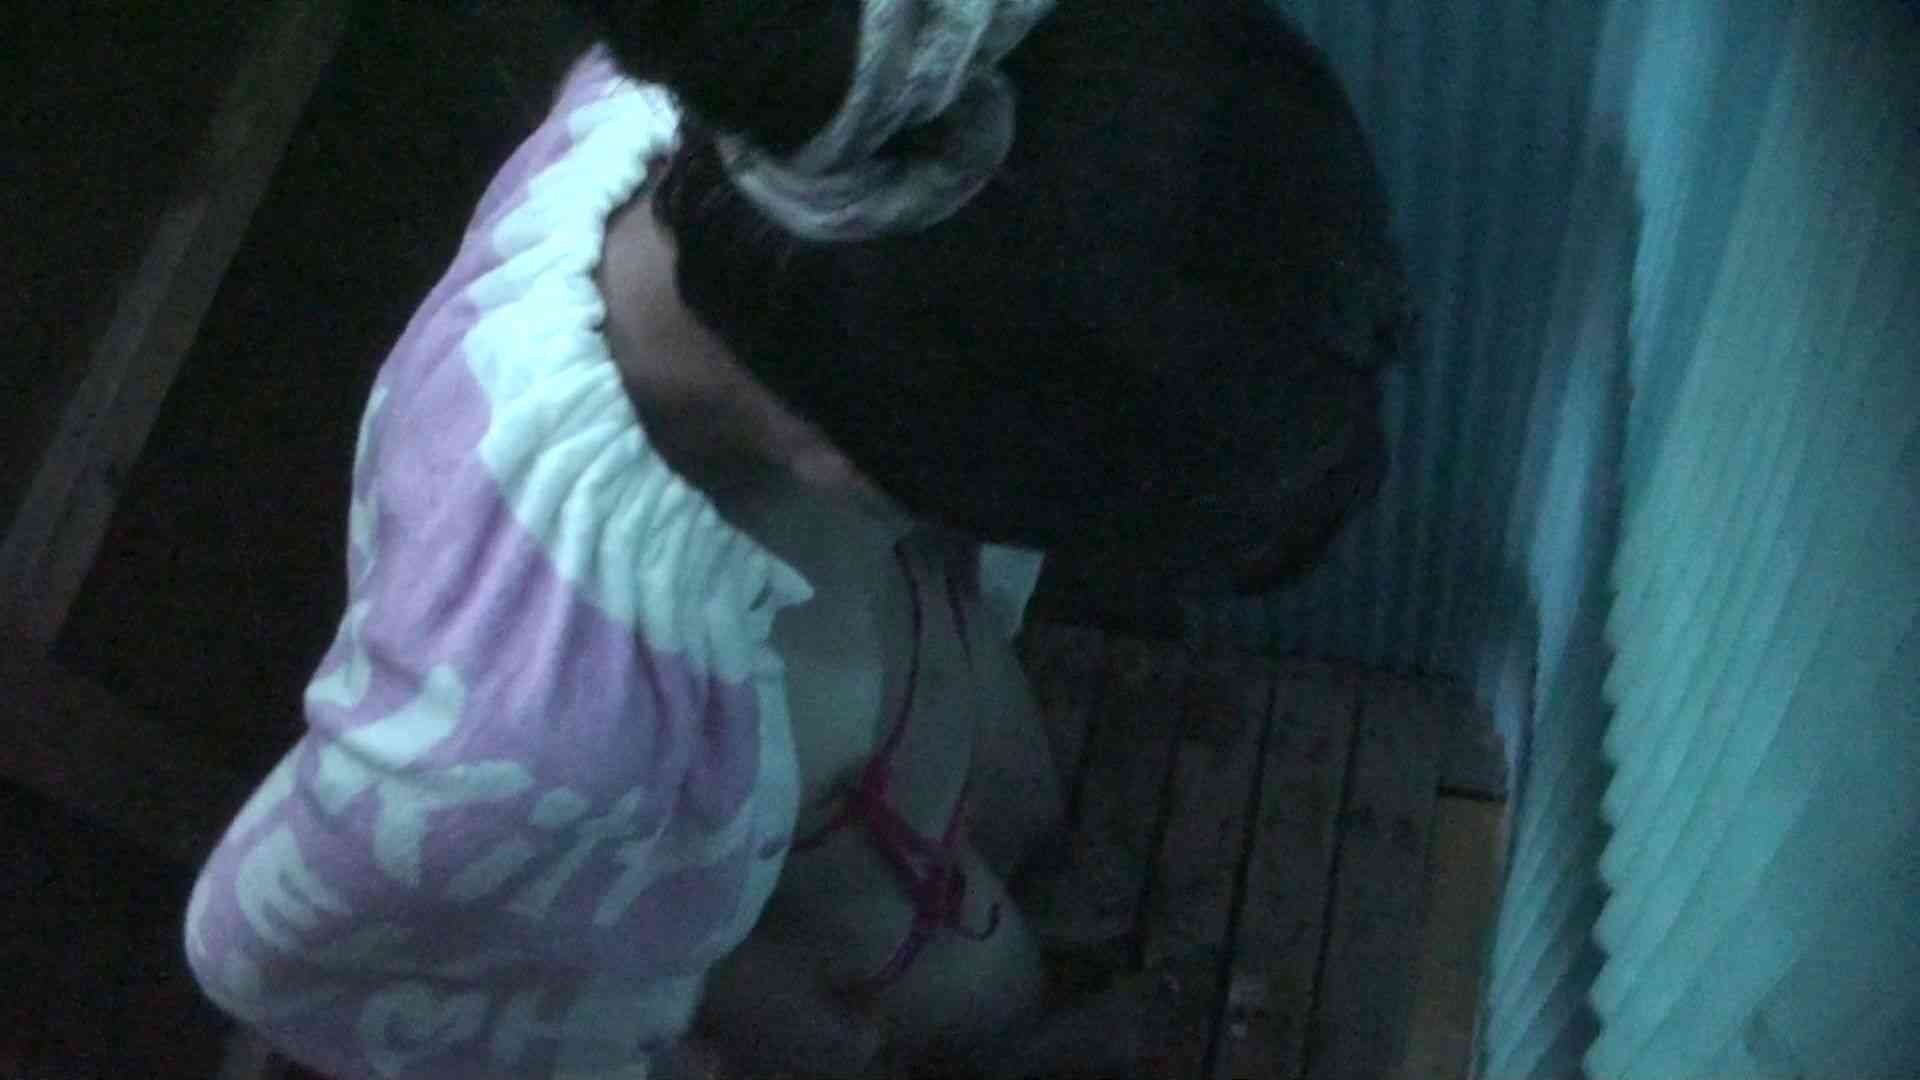 シャワールームは超!!危険な香りVol.26 大学生風美形ギャル 暗さが残念! S級美女ギャル セックス無修正動画無料 106画像 63